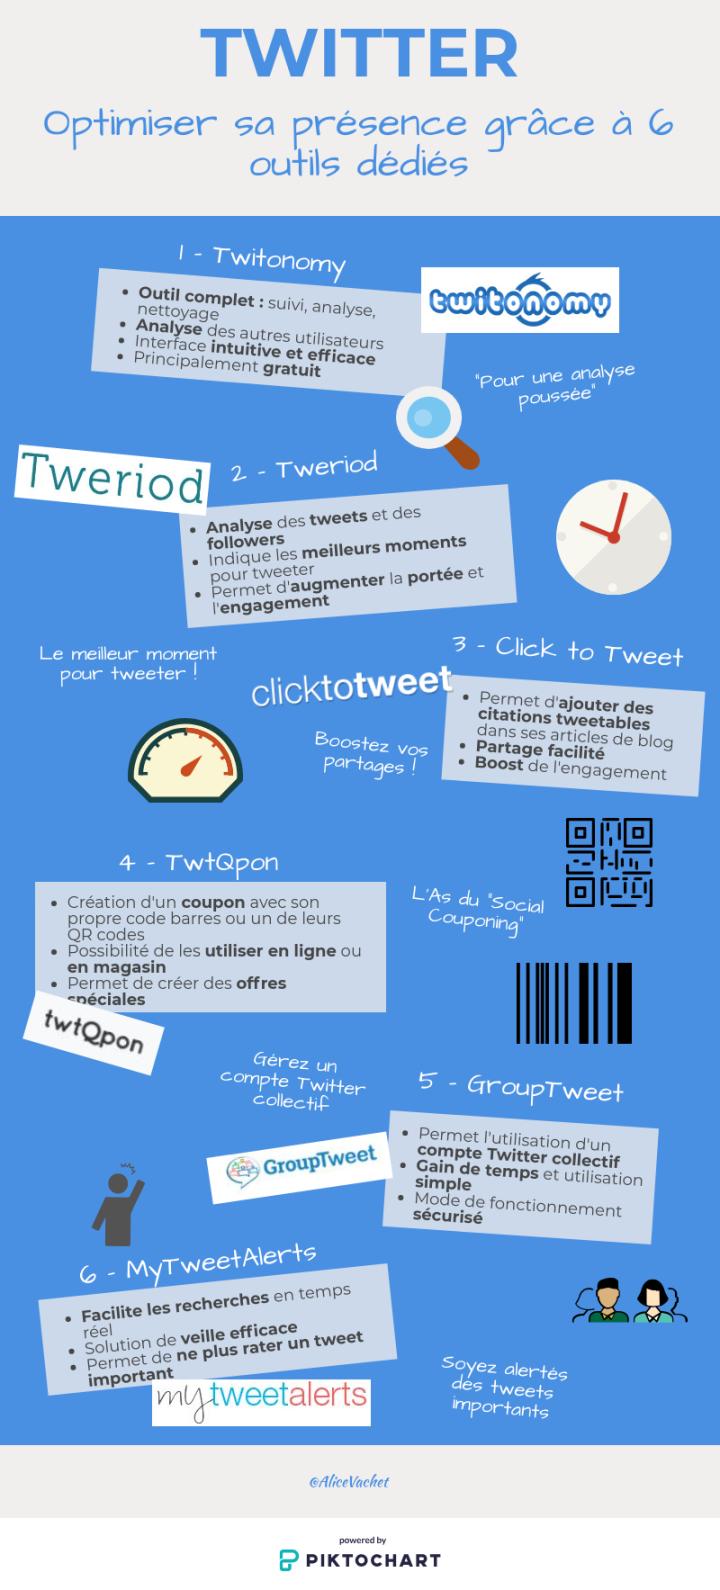 [SOCIAL MEDIA] TWITTER : Optimiser sa Présence Grâce à 6 OutilsDédiés